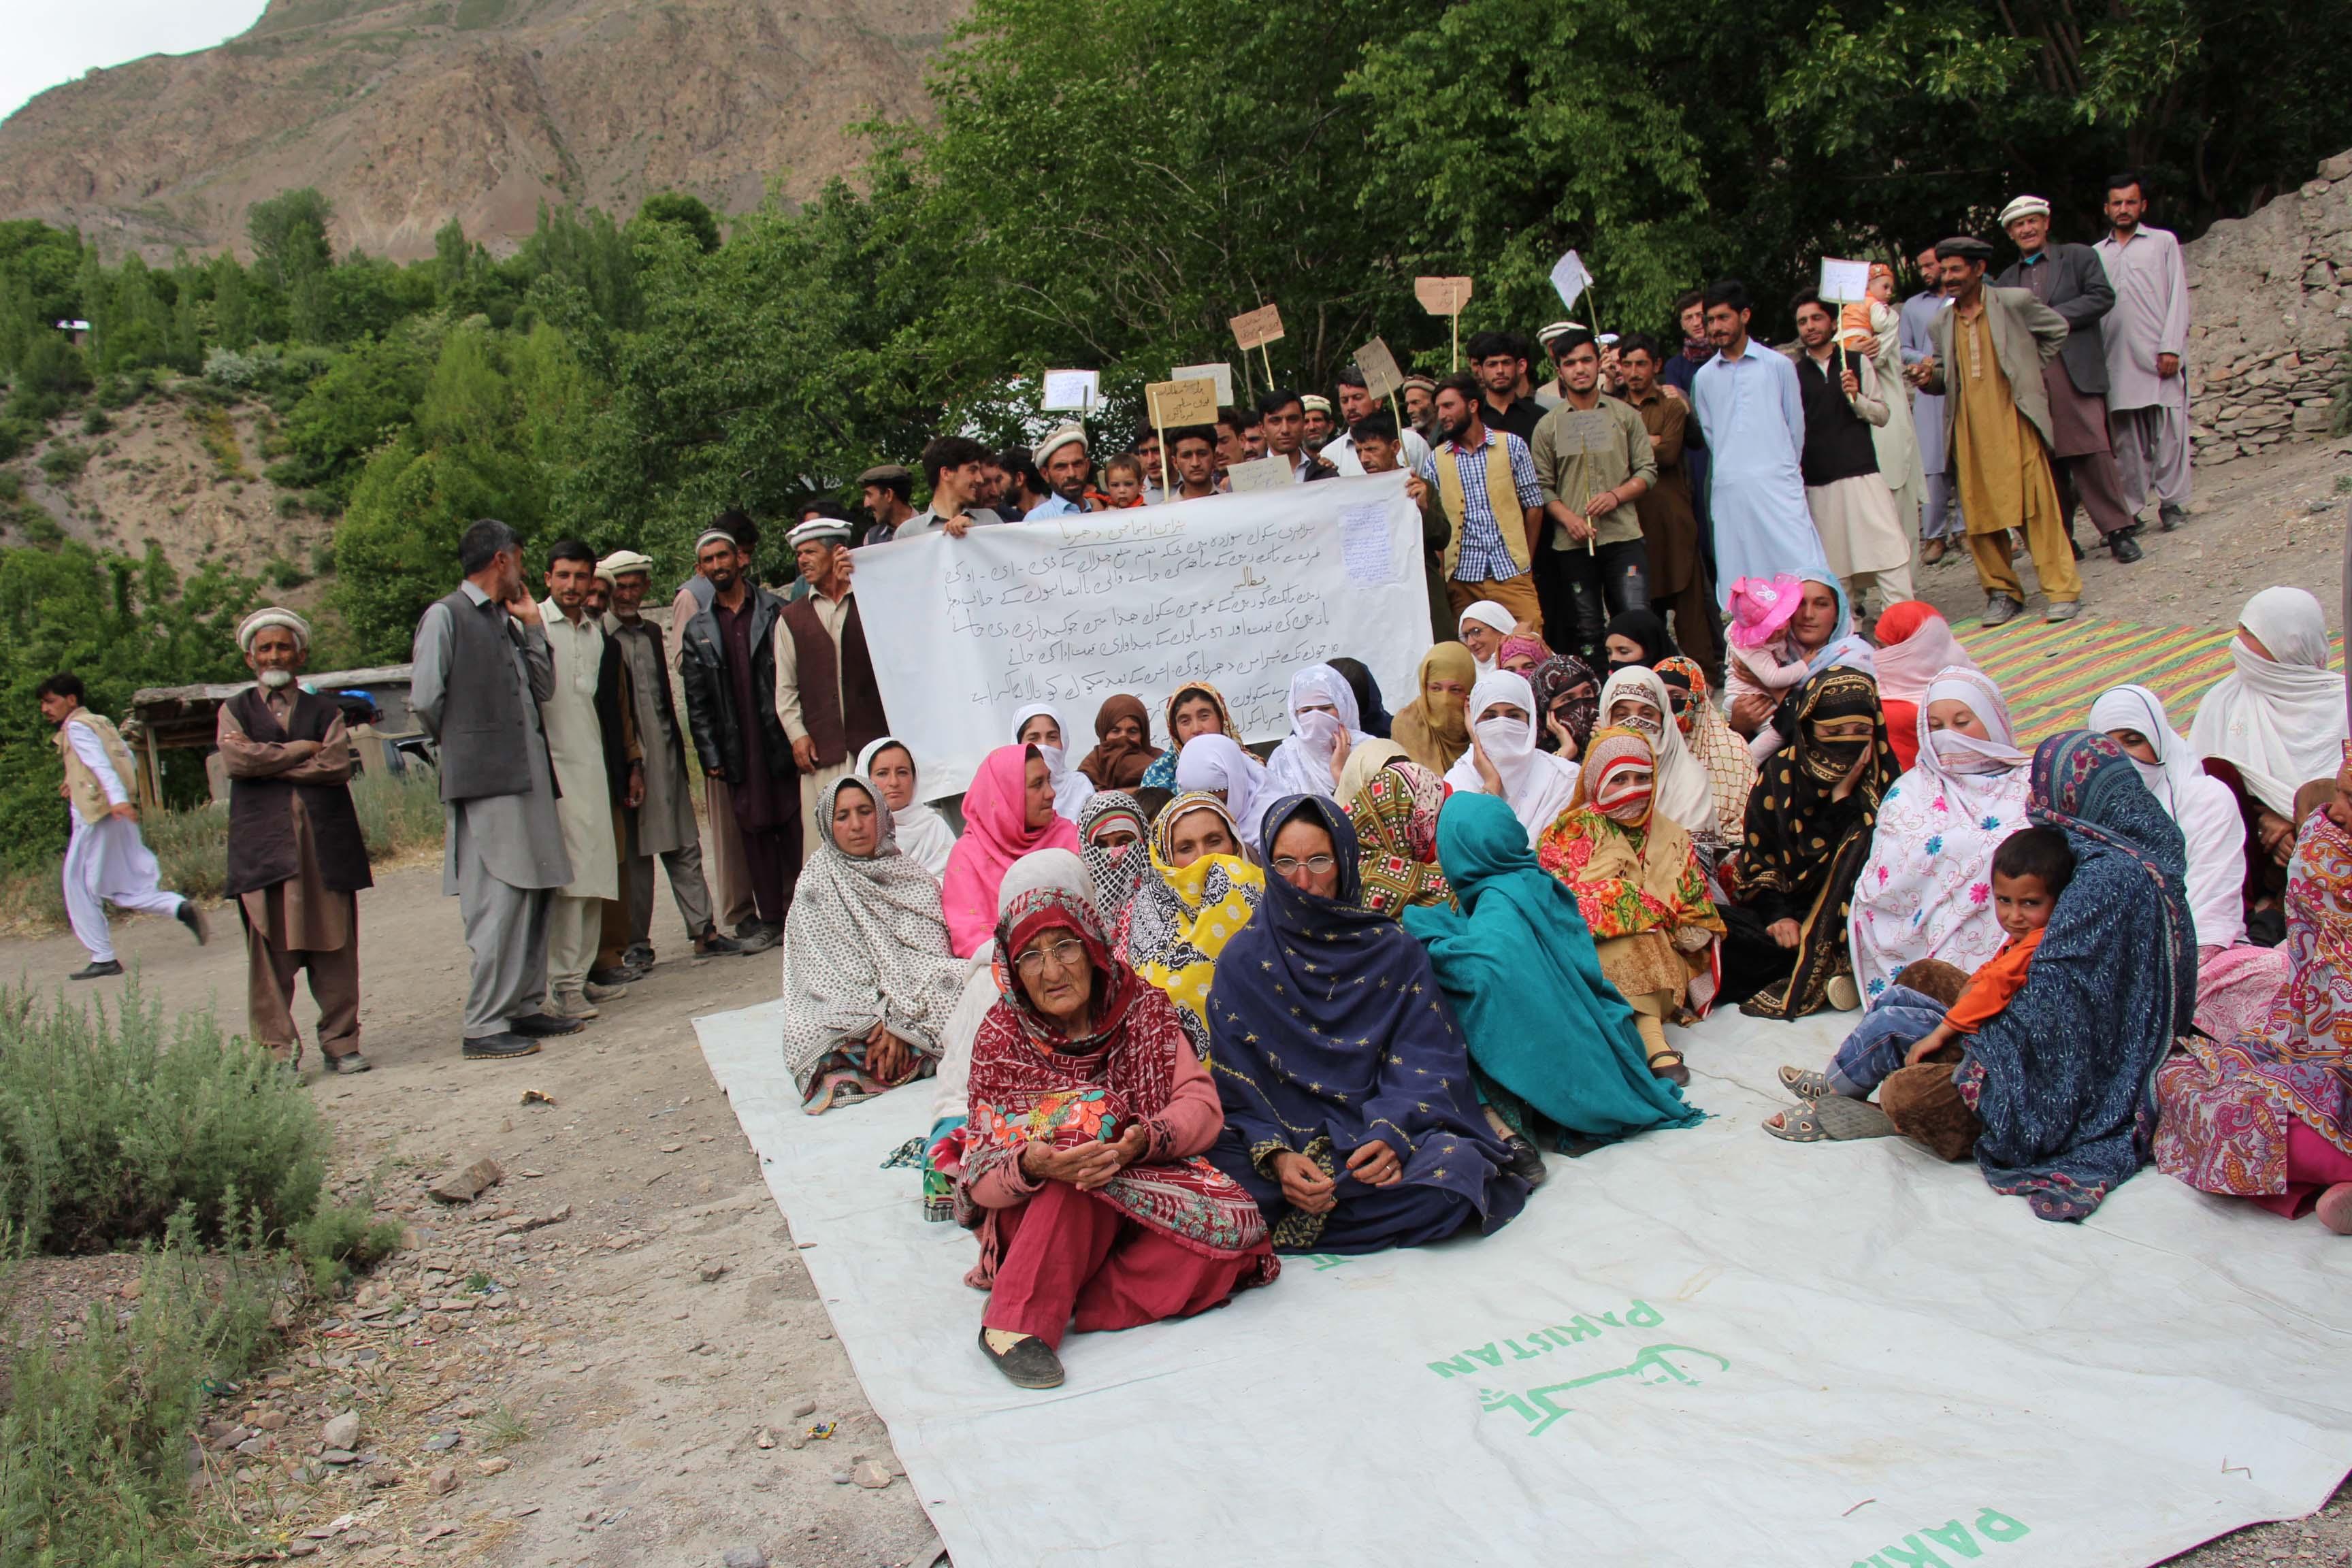 چترال کے بالائی علاقے کوشت موژ دیہہ میںخواتین، بچوں اور بوڑھو ں سمیت سینکڑوں افراد کا احتجاجی دھرنا